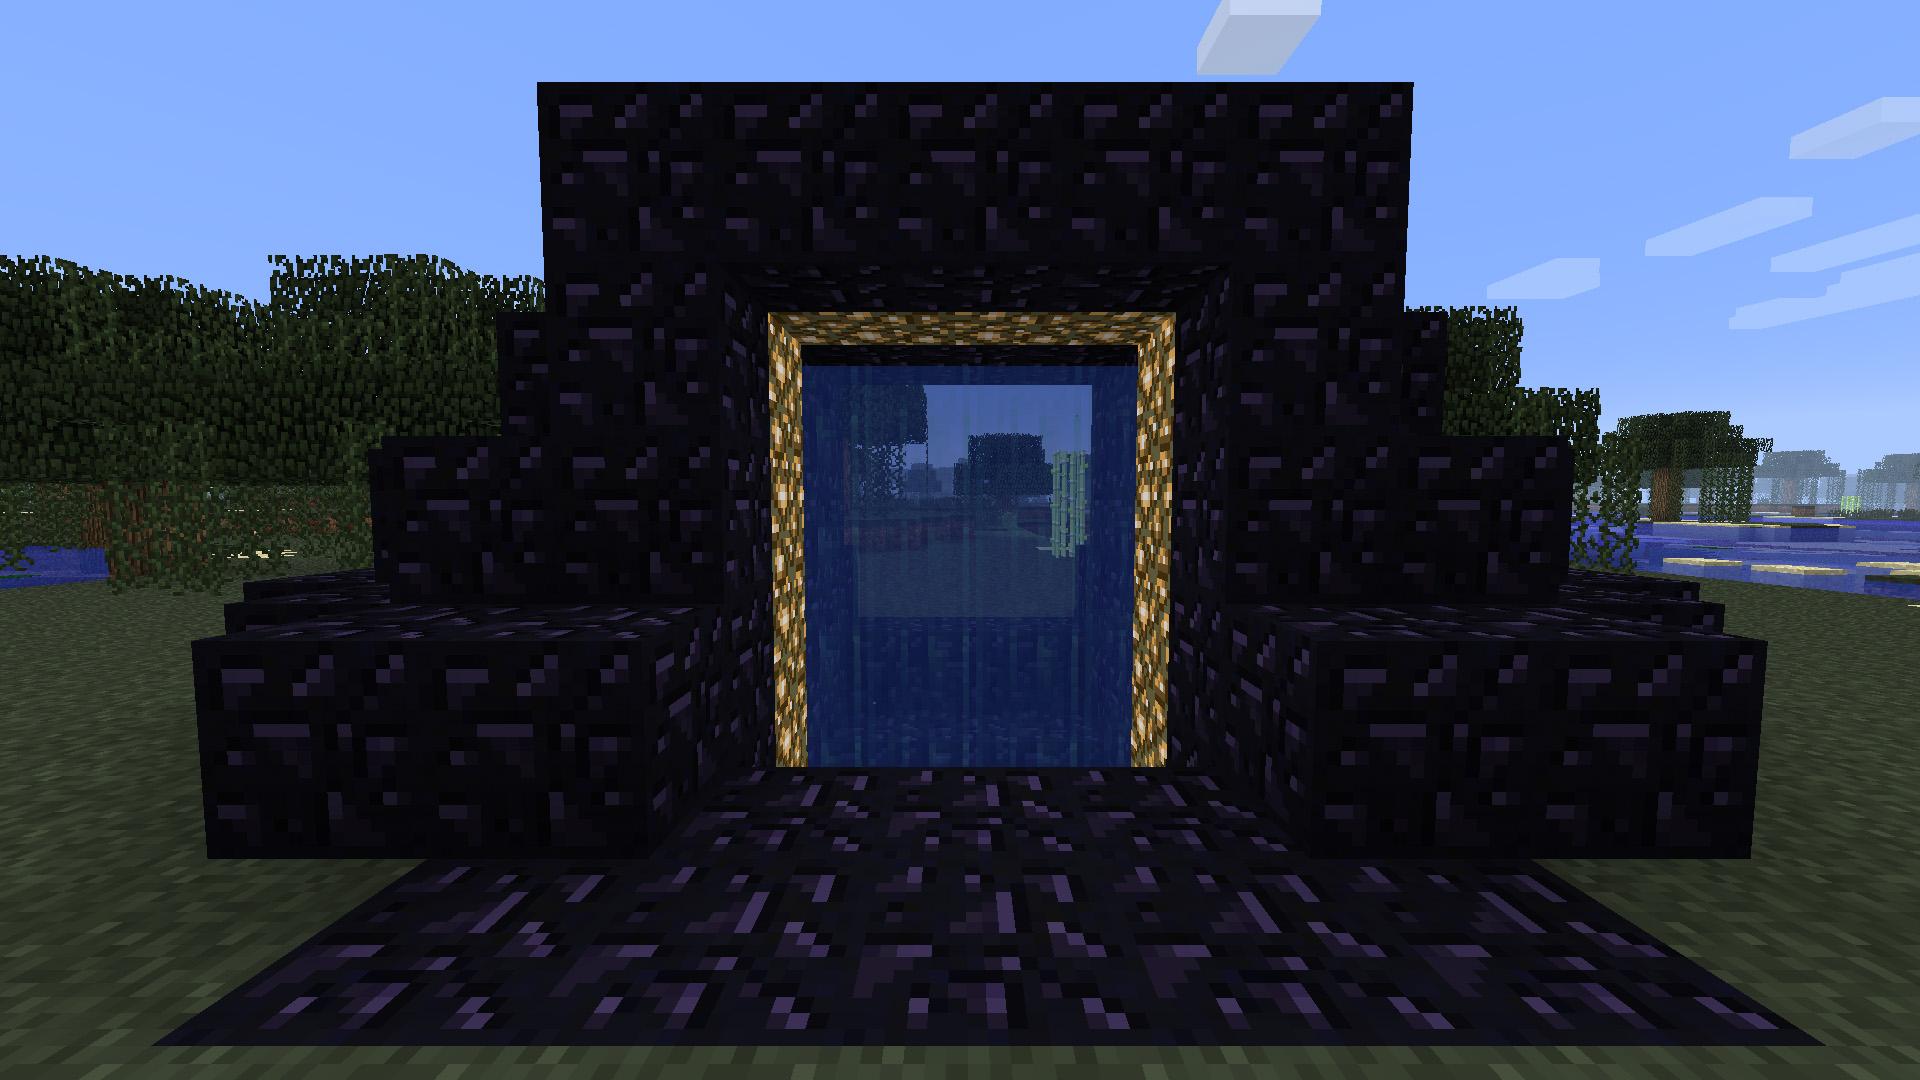 як в майнкрафт зробити портал в город #3